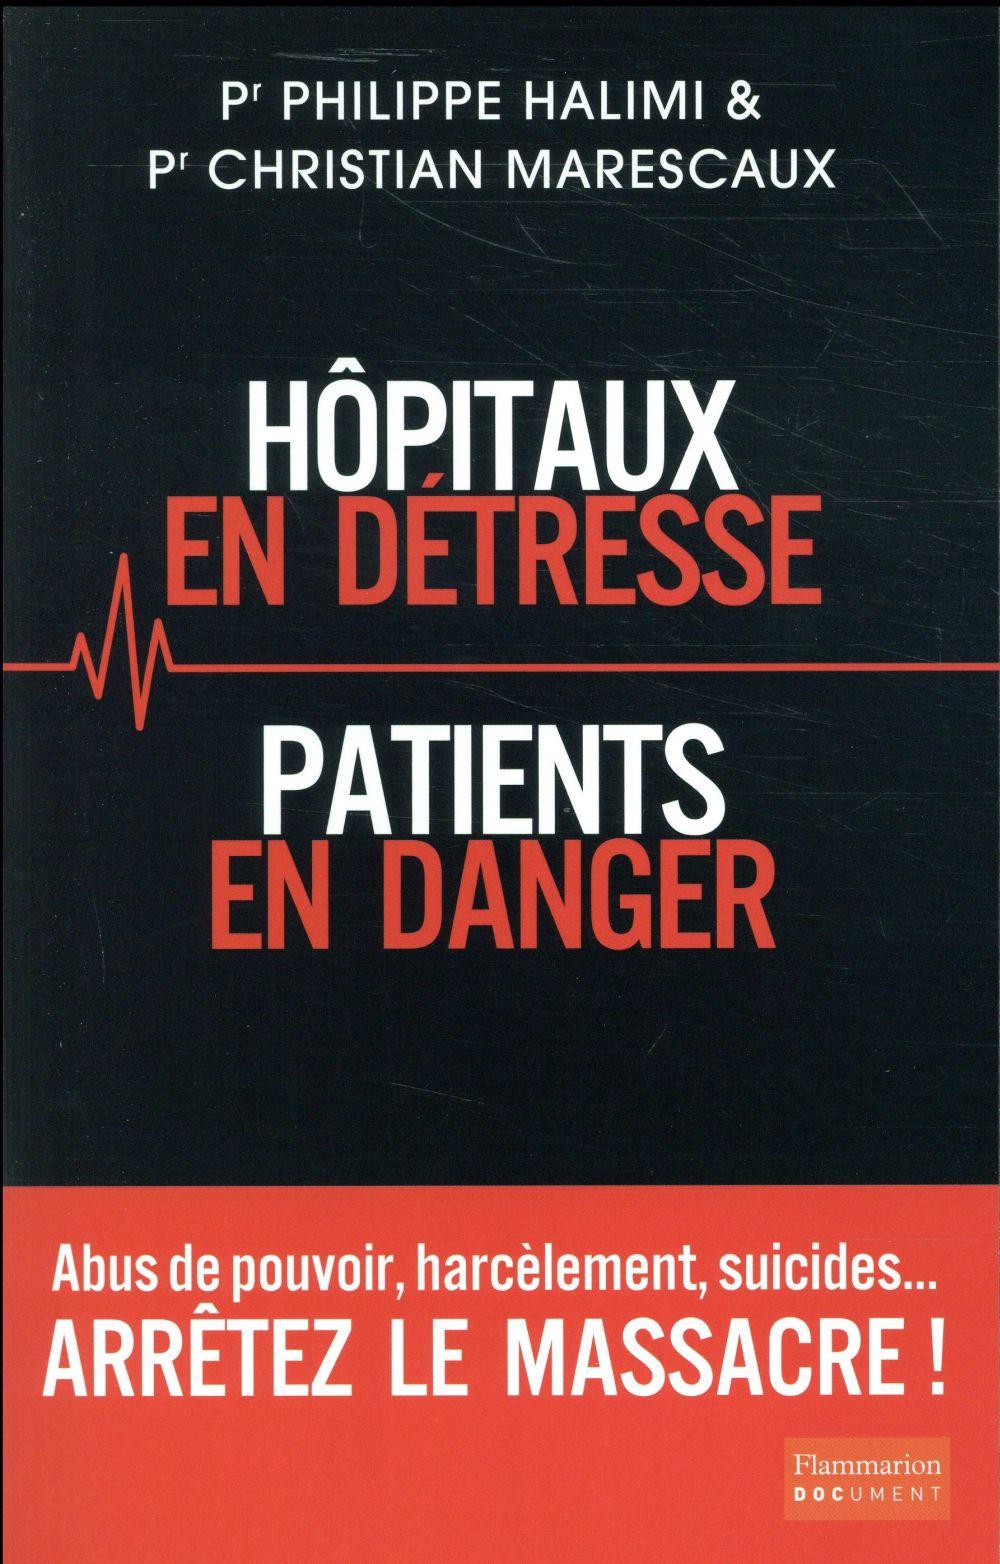 Hôpitaux en détresse, patients en danger